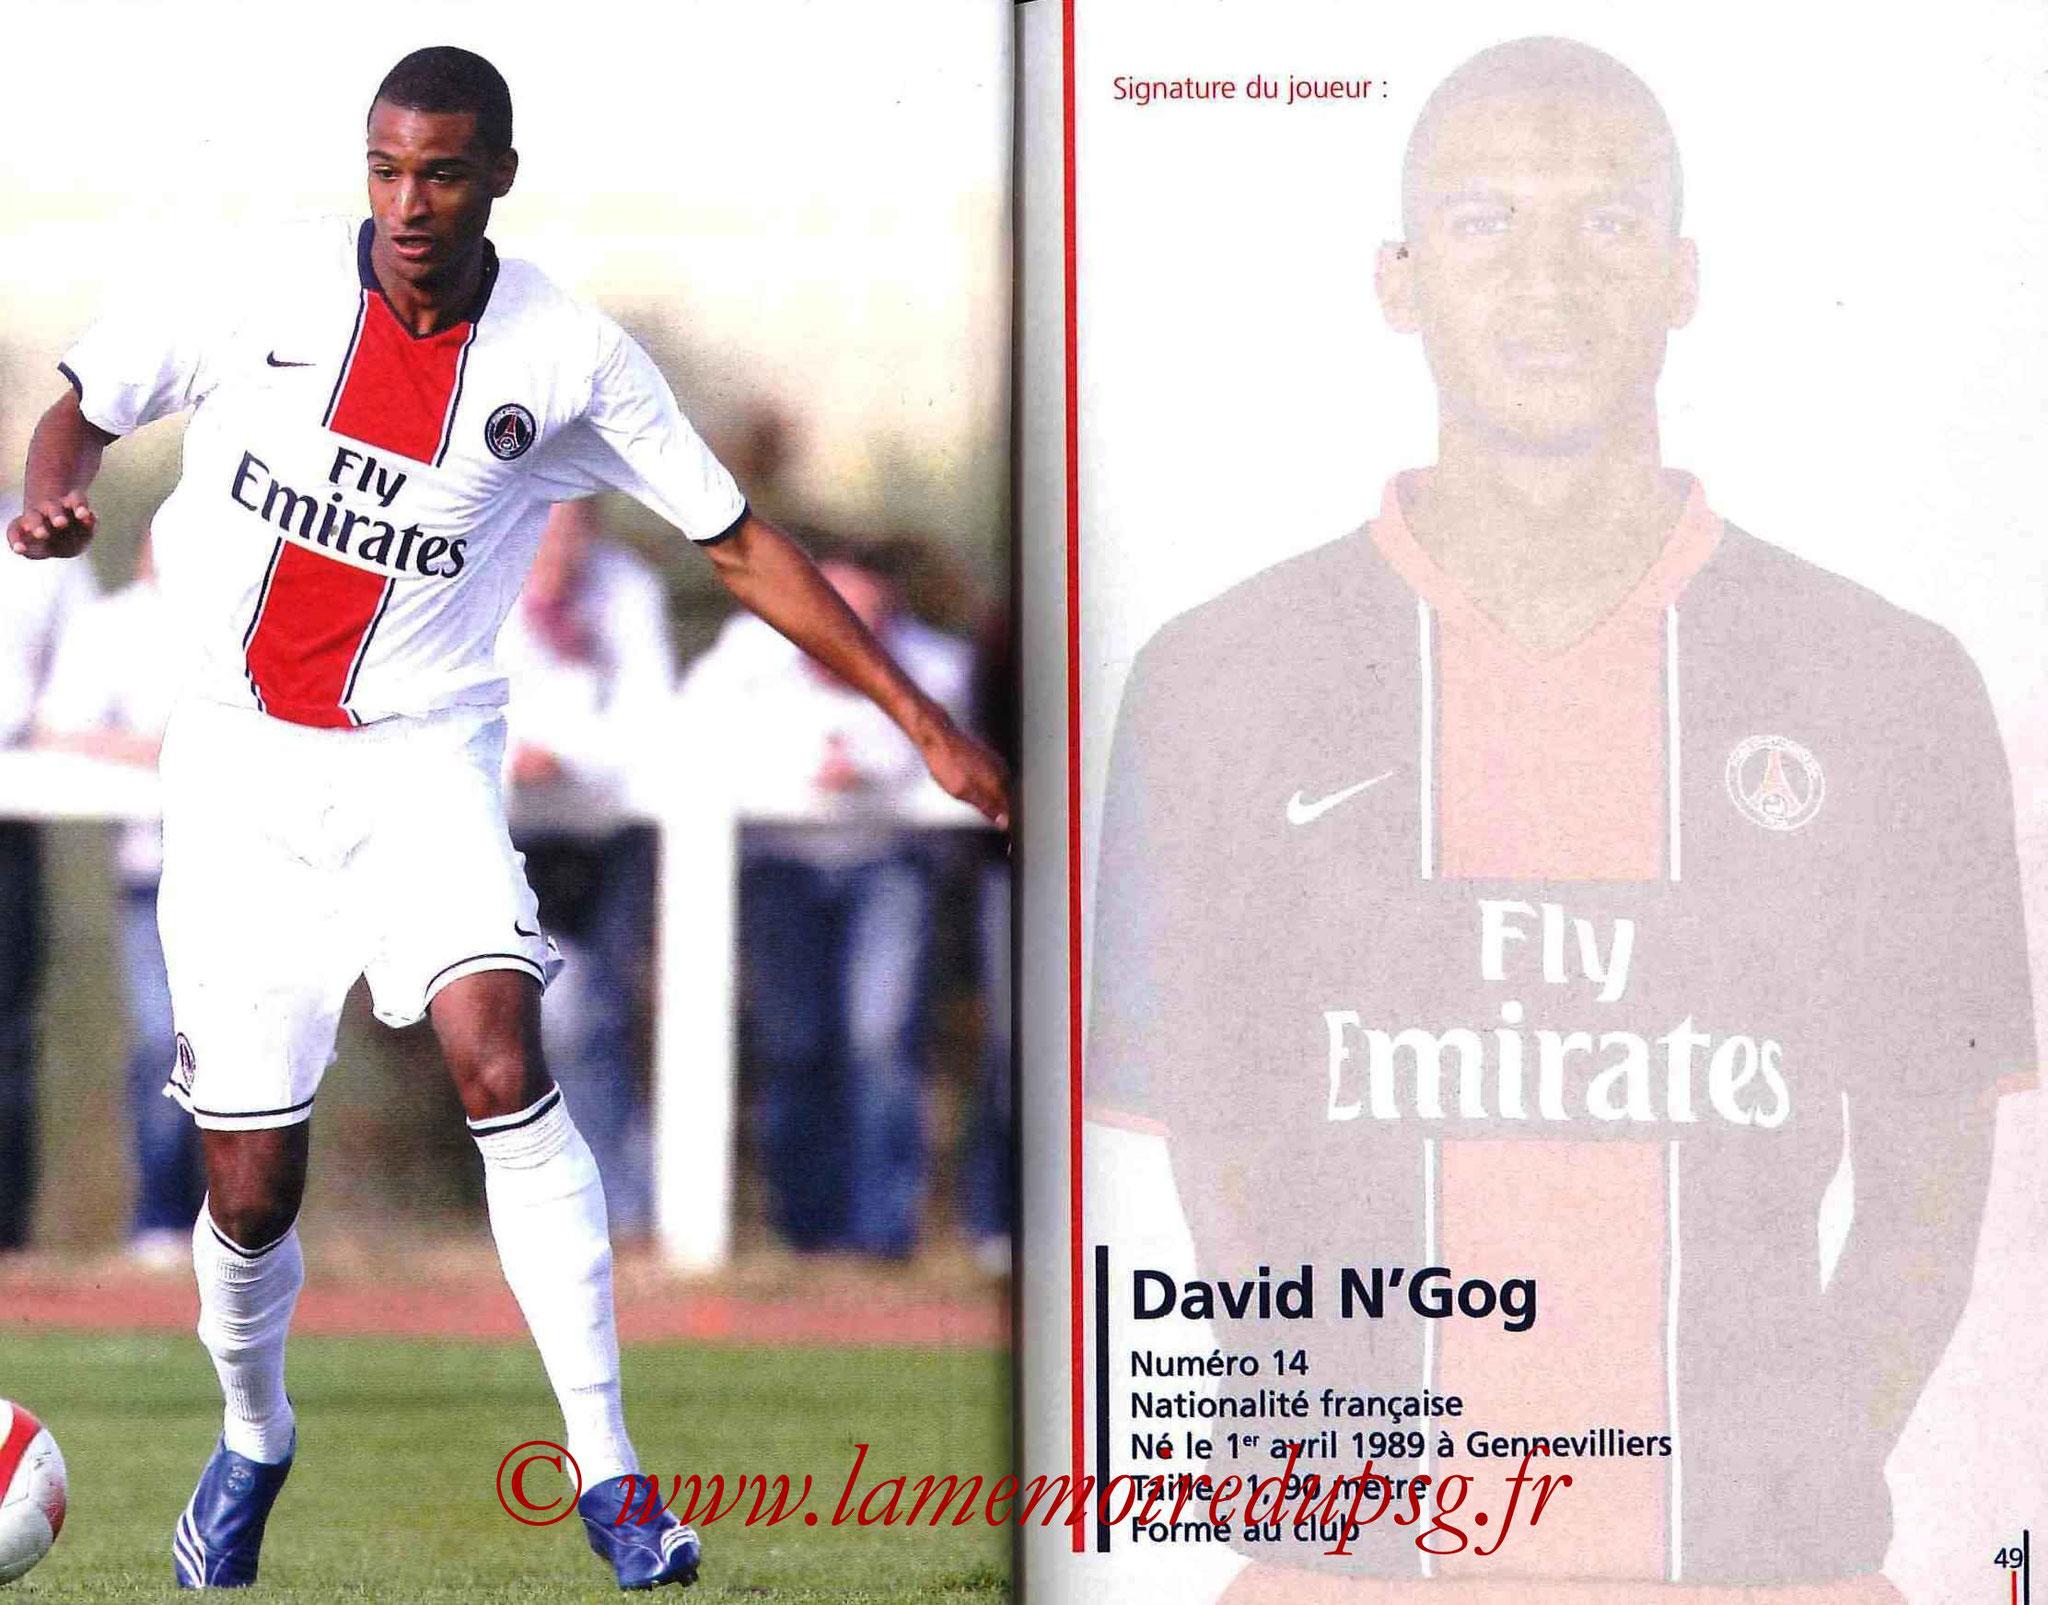 2007-08 - Guide de la Saison PSG - Pages 48 et 49 - David N'GOG